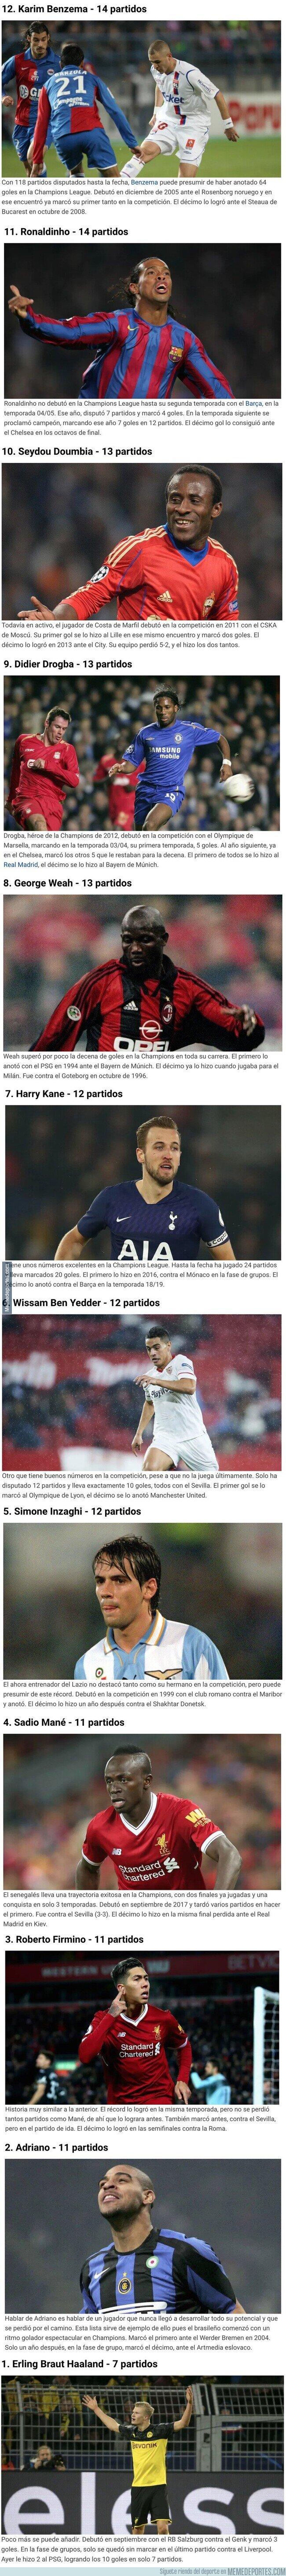 1098763 - Los futbolistas que necesitaron menos partidos para hacer 10 goles en Champions League